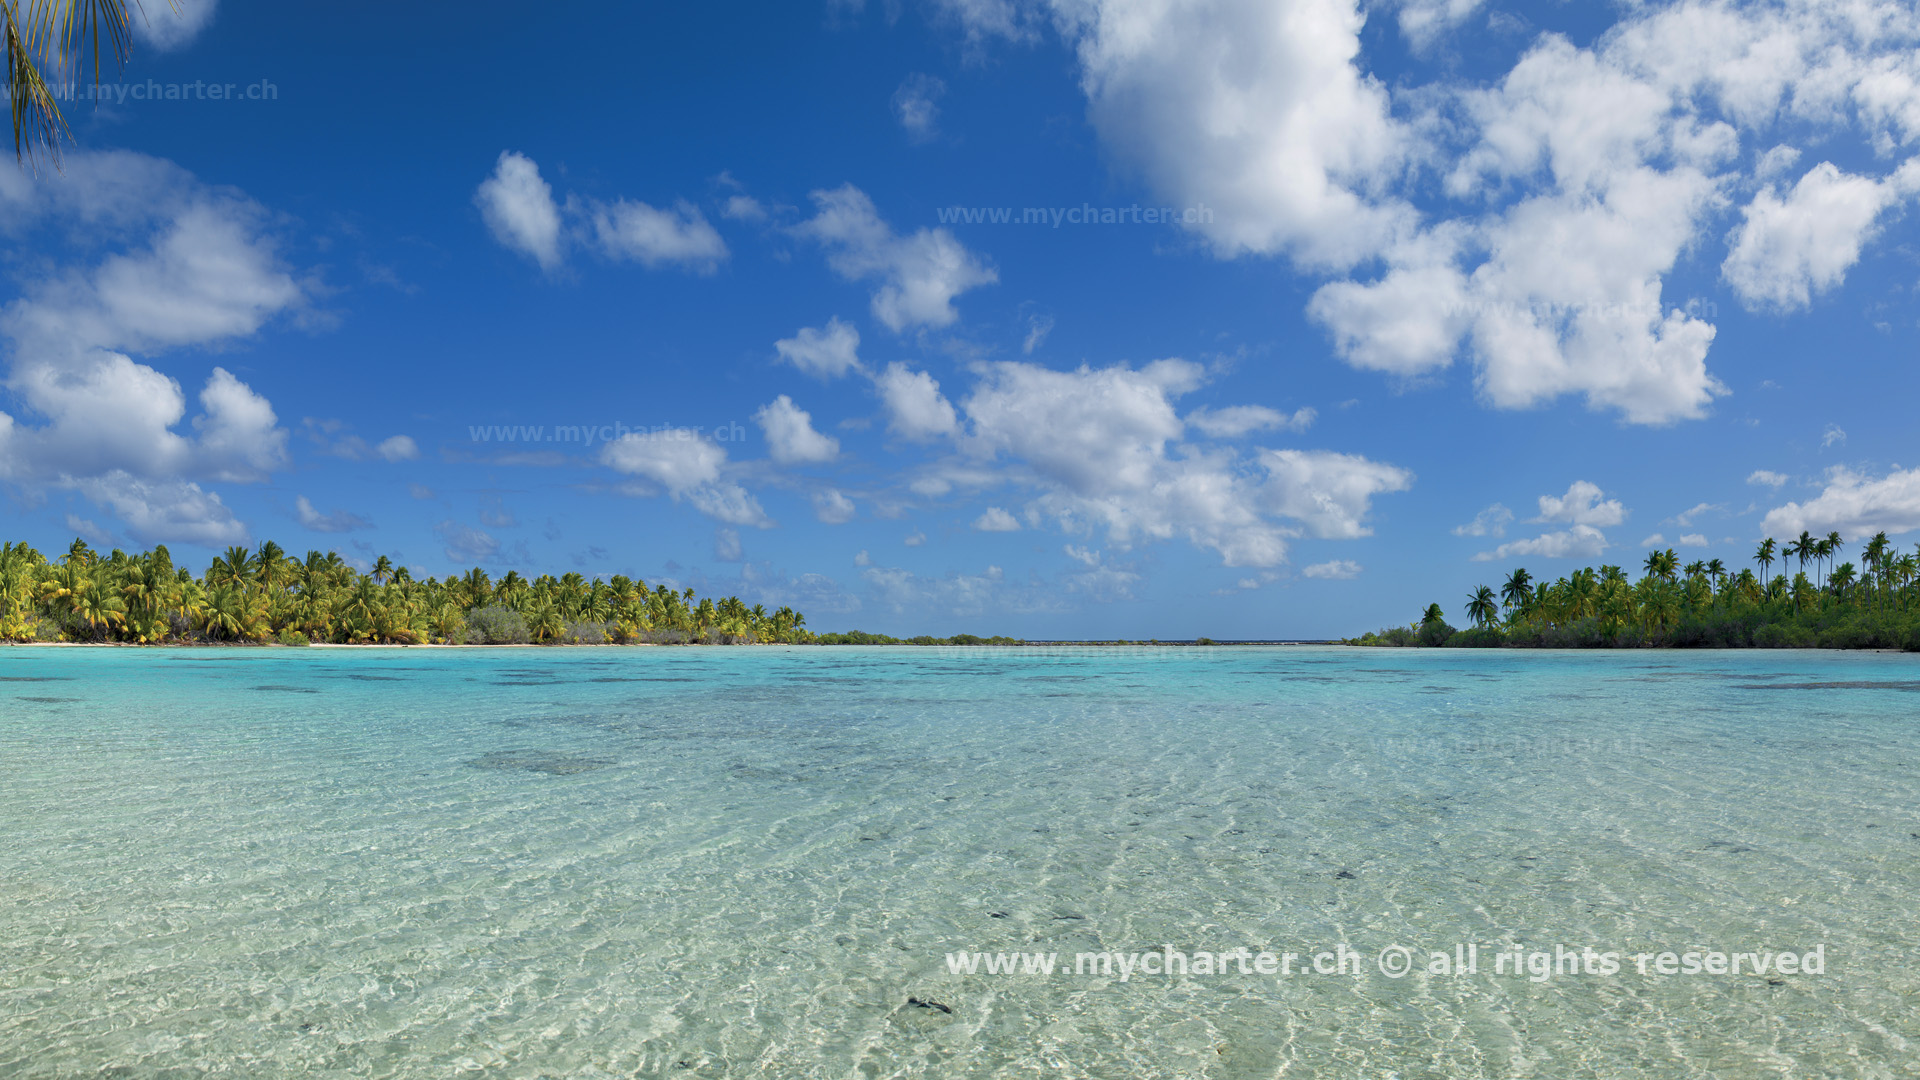 Yachtcharter Südesee - Tahiti - Fakarawa